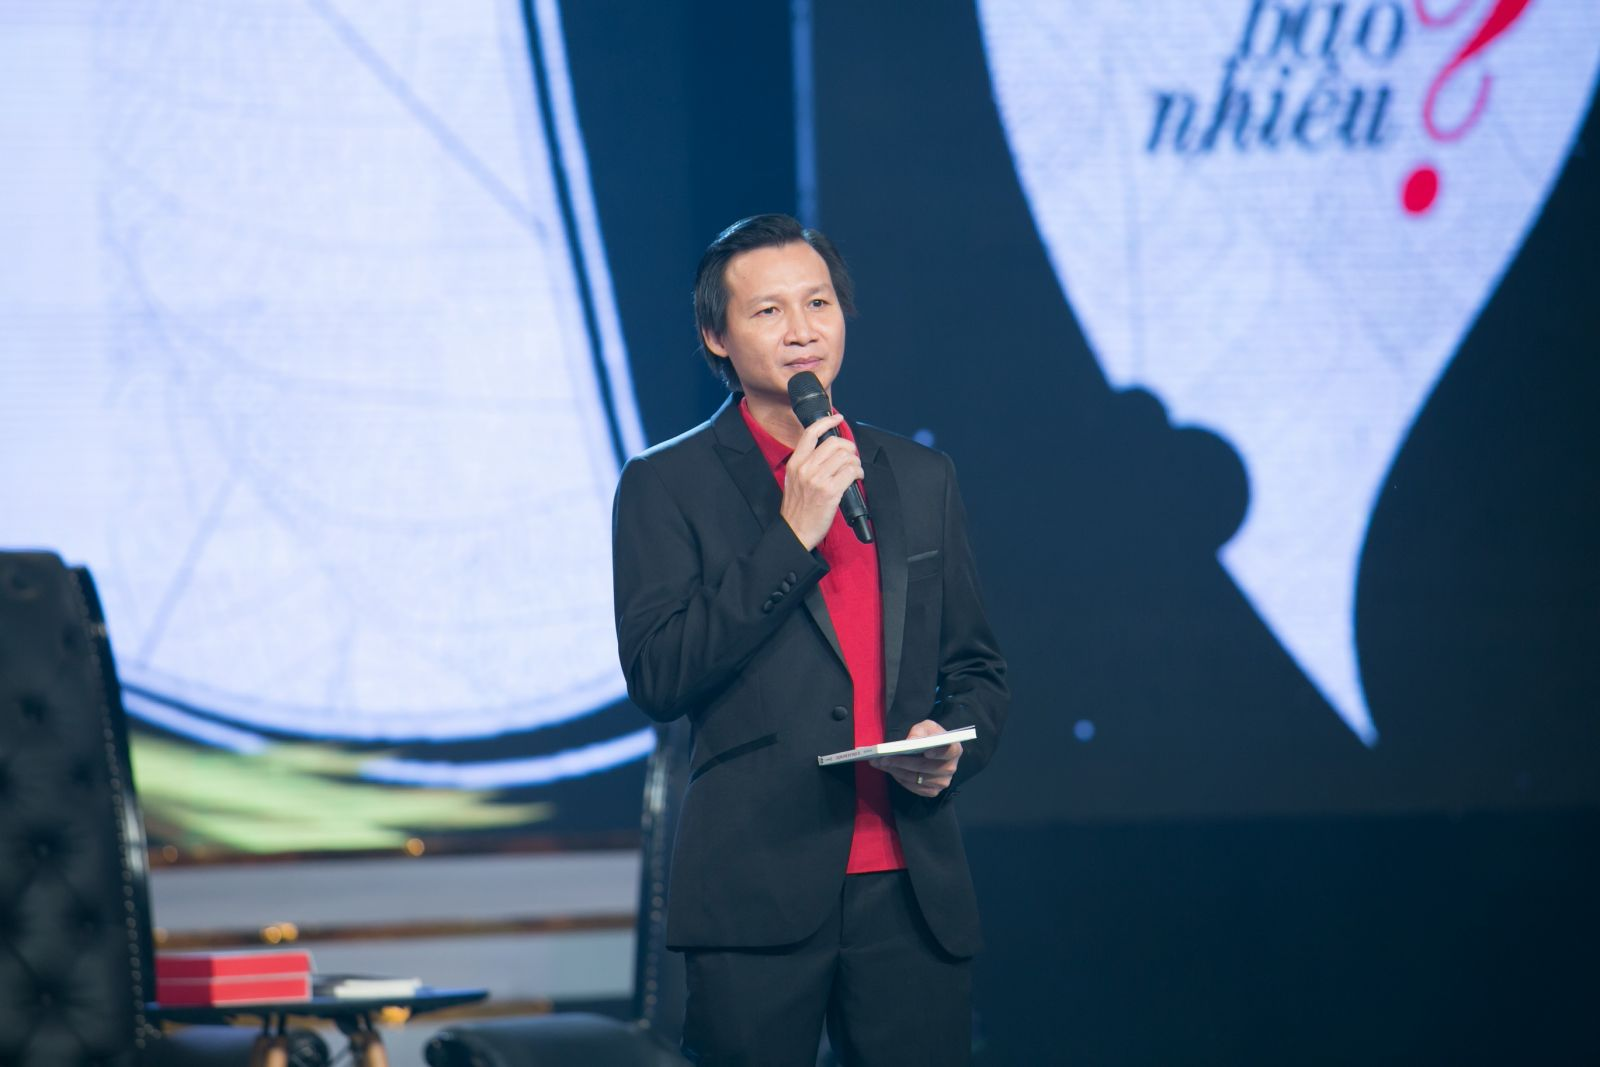 NSƯT Vũ Thành Vinh cho biết sẽ duy trì việc sản xuất online, bên cạnh việc trở lại sản xuất chương trình trực tiếp